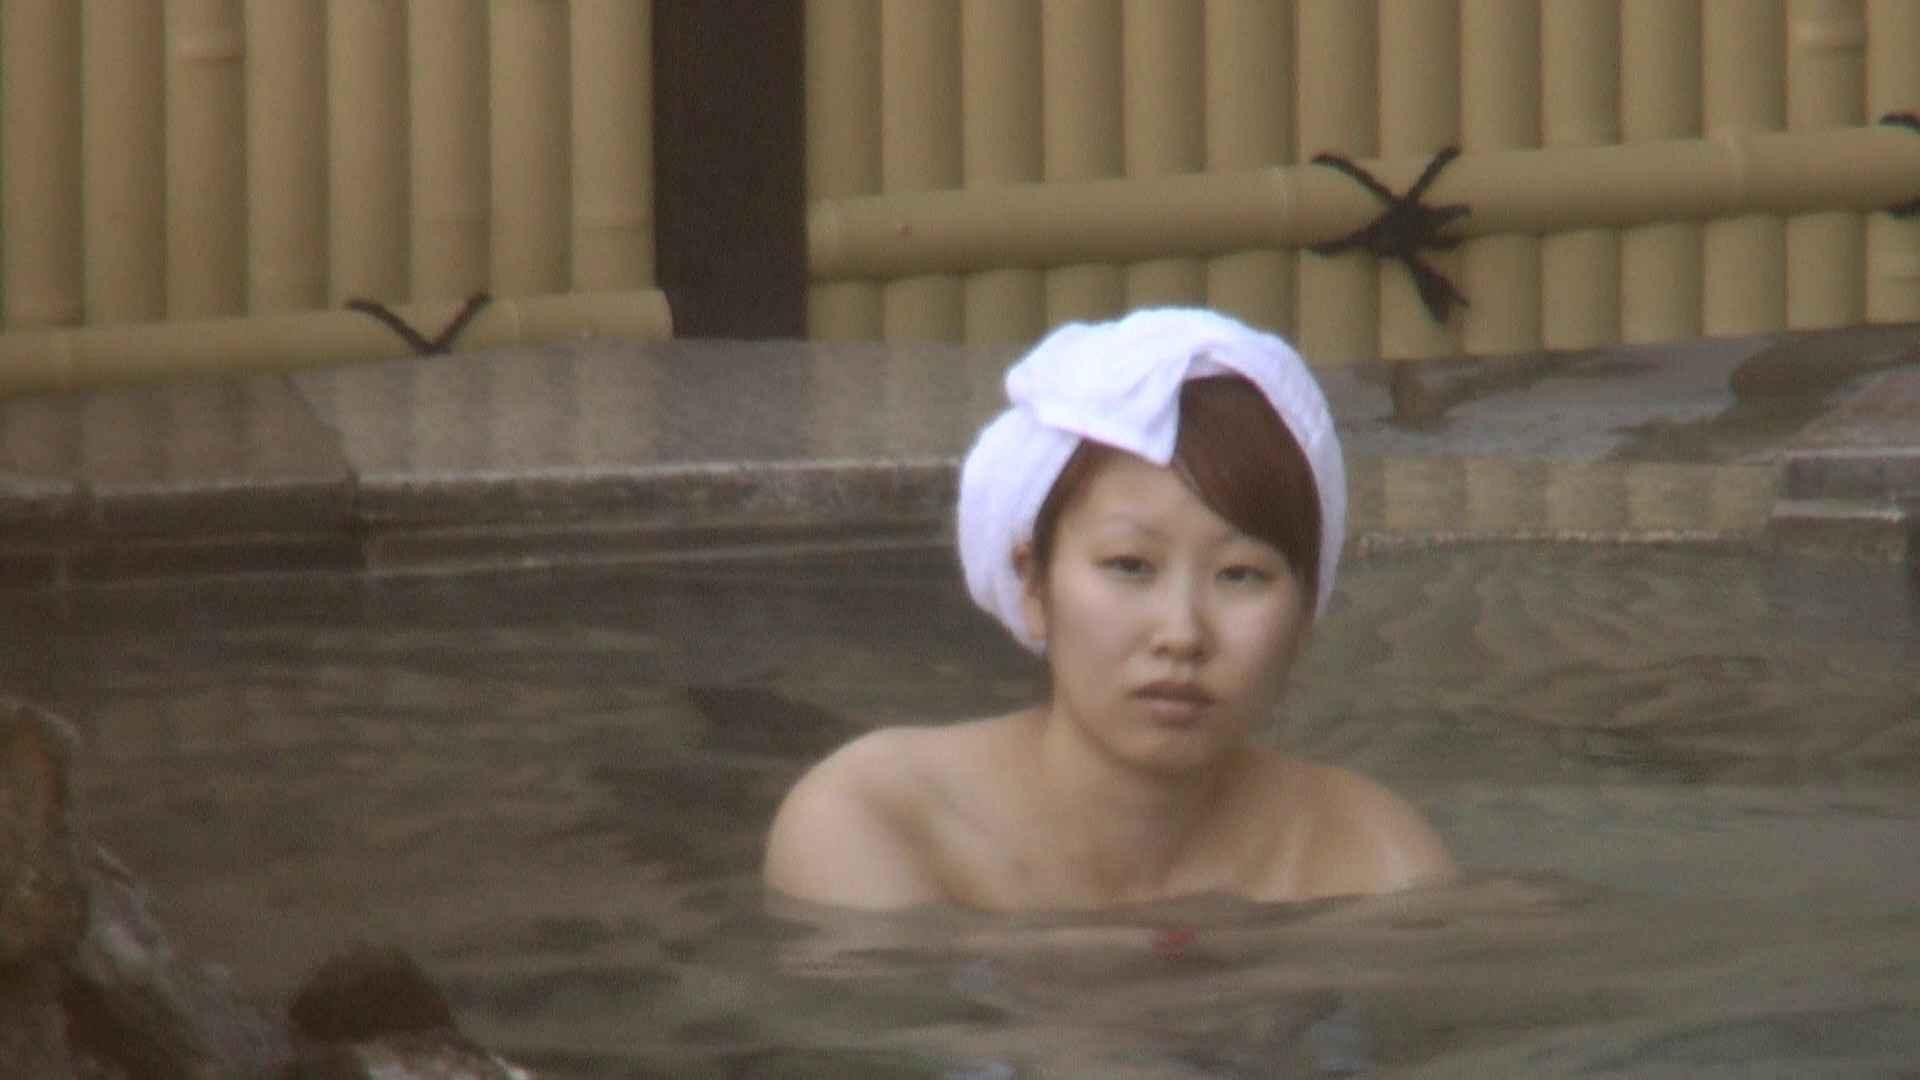 Aquaな露天風呂Vol.210 美しいOLの裸体  75pic 24